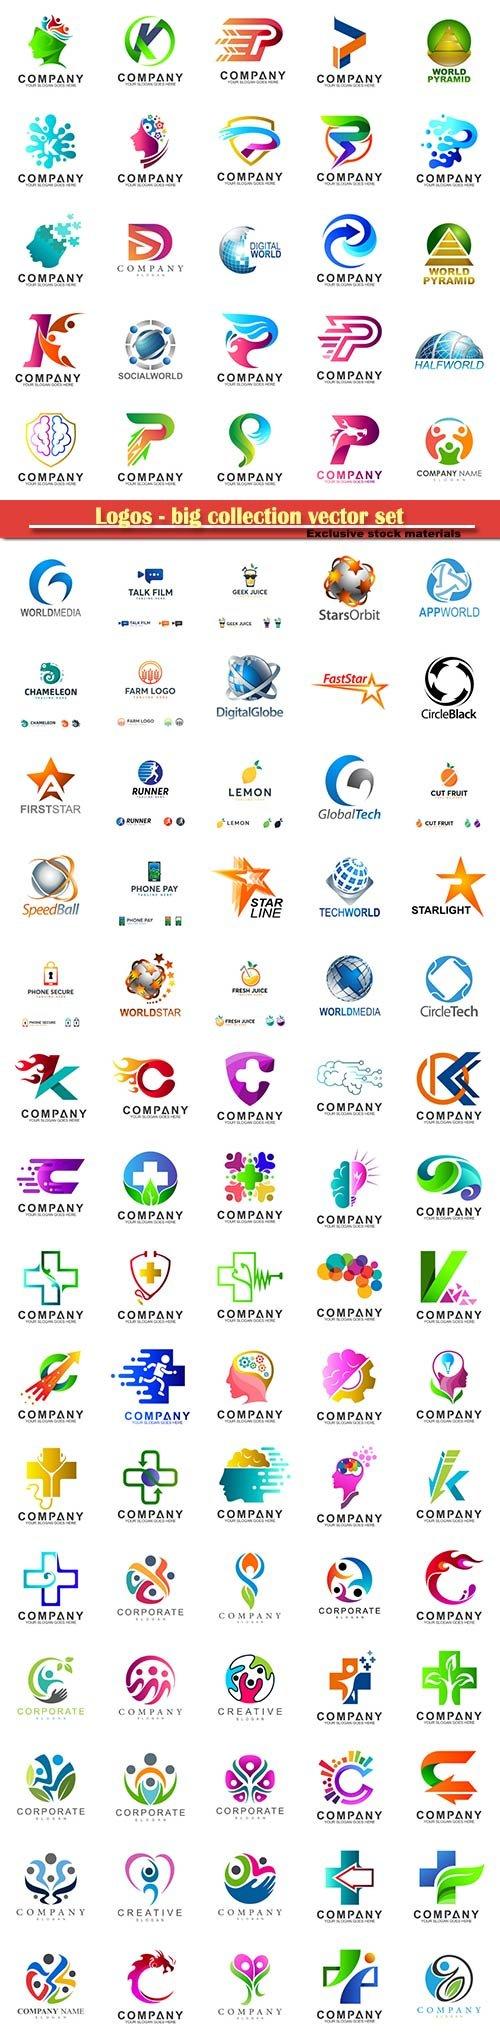 Logos - big collection vector set # 3